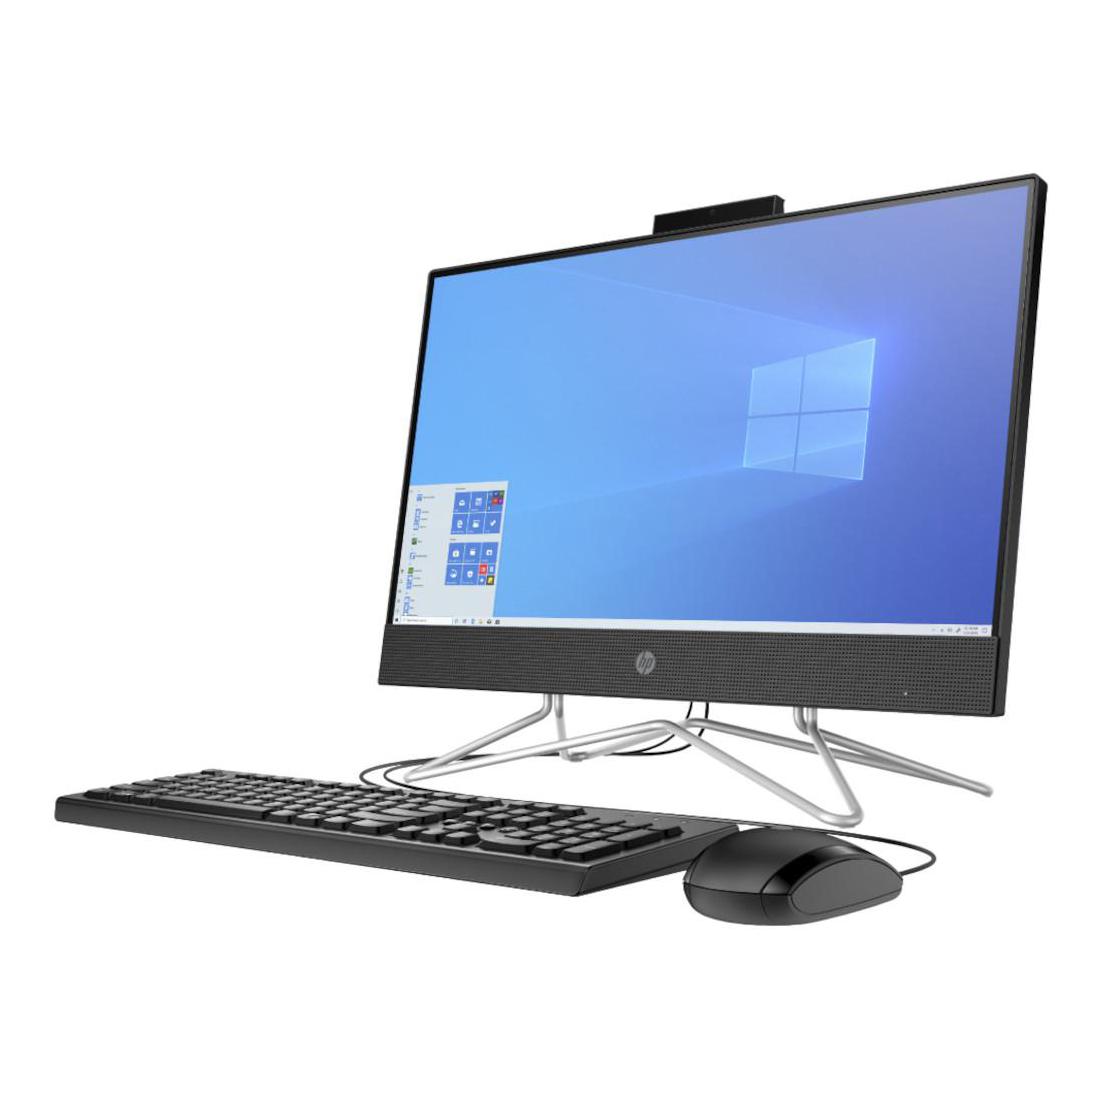 HP All In One 22-DD0117D [140J5AA] (I3-1005G1/4 GB DDR4/1 TB SATA/WIN 10 HOME 64 Bit)